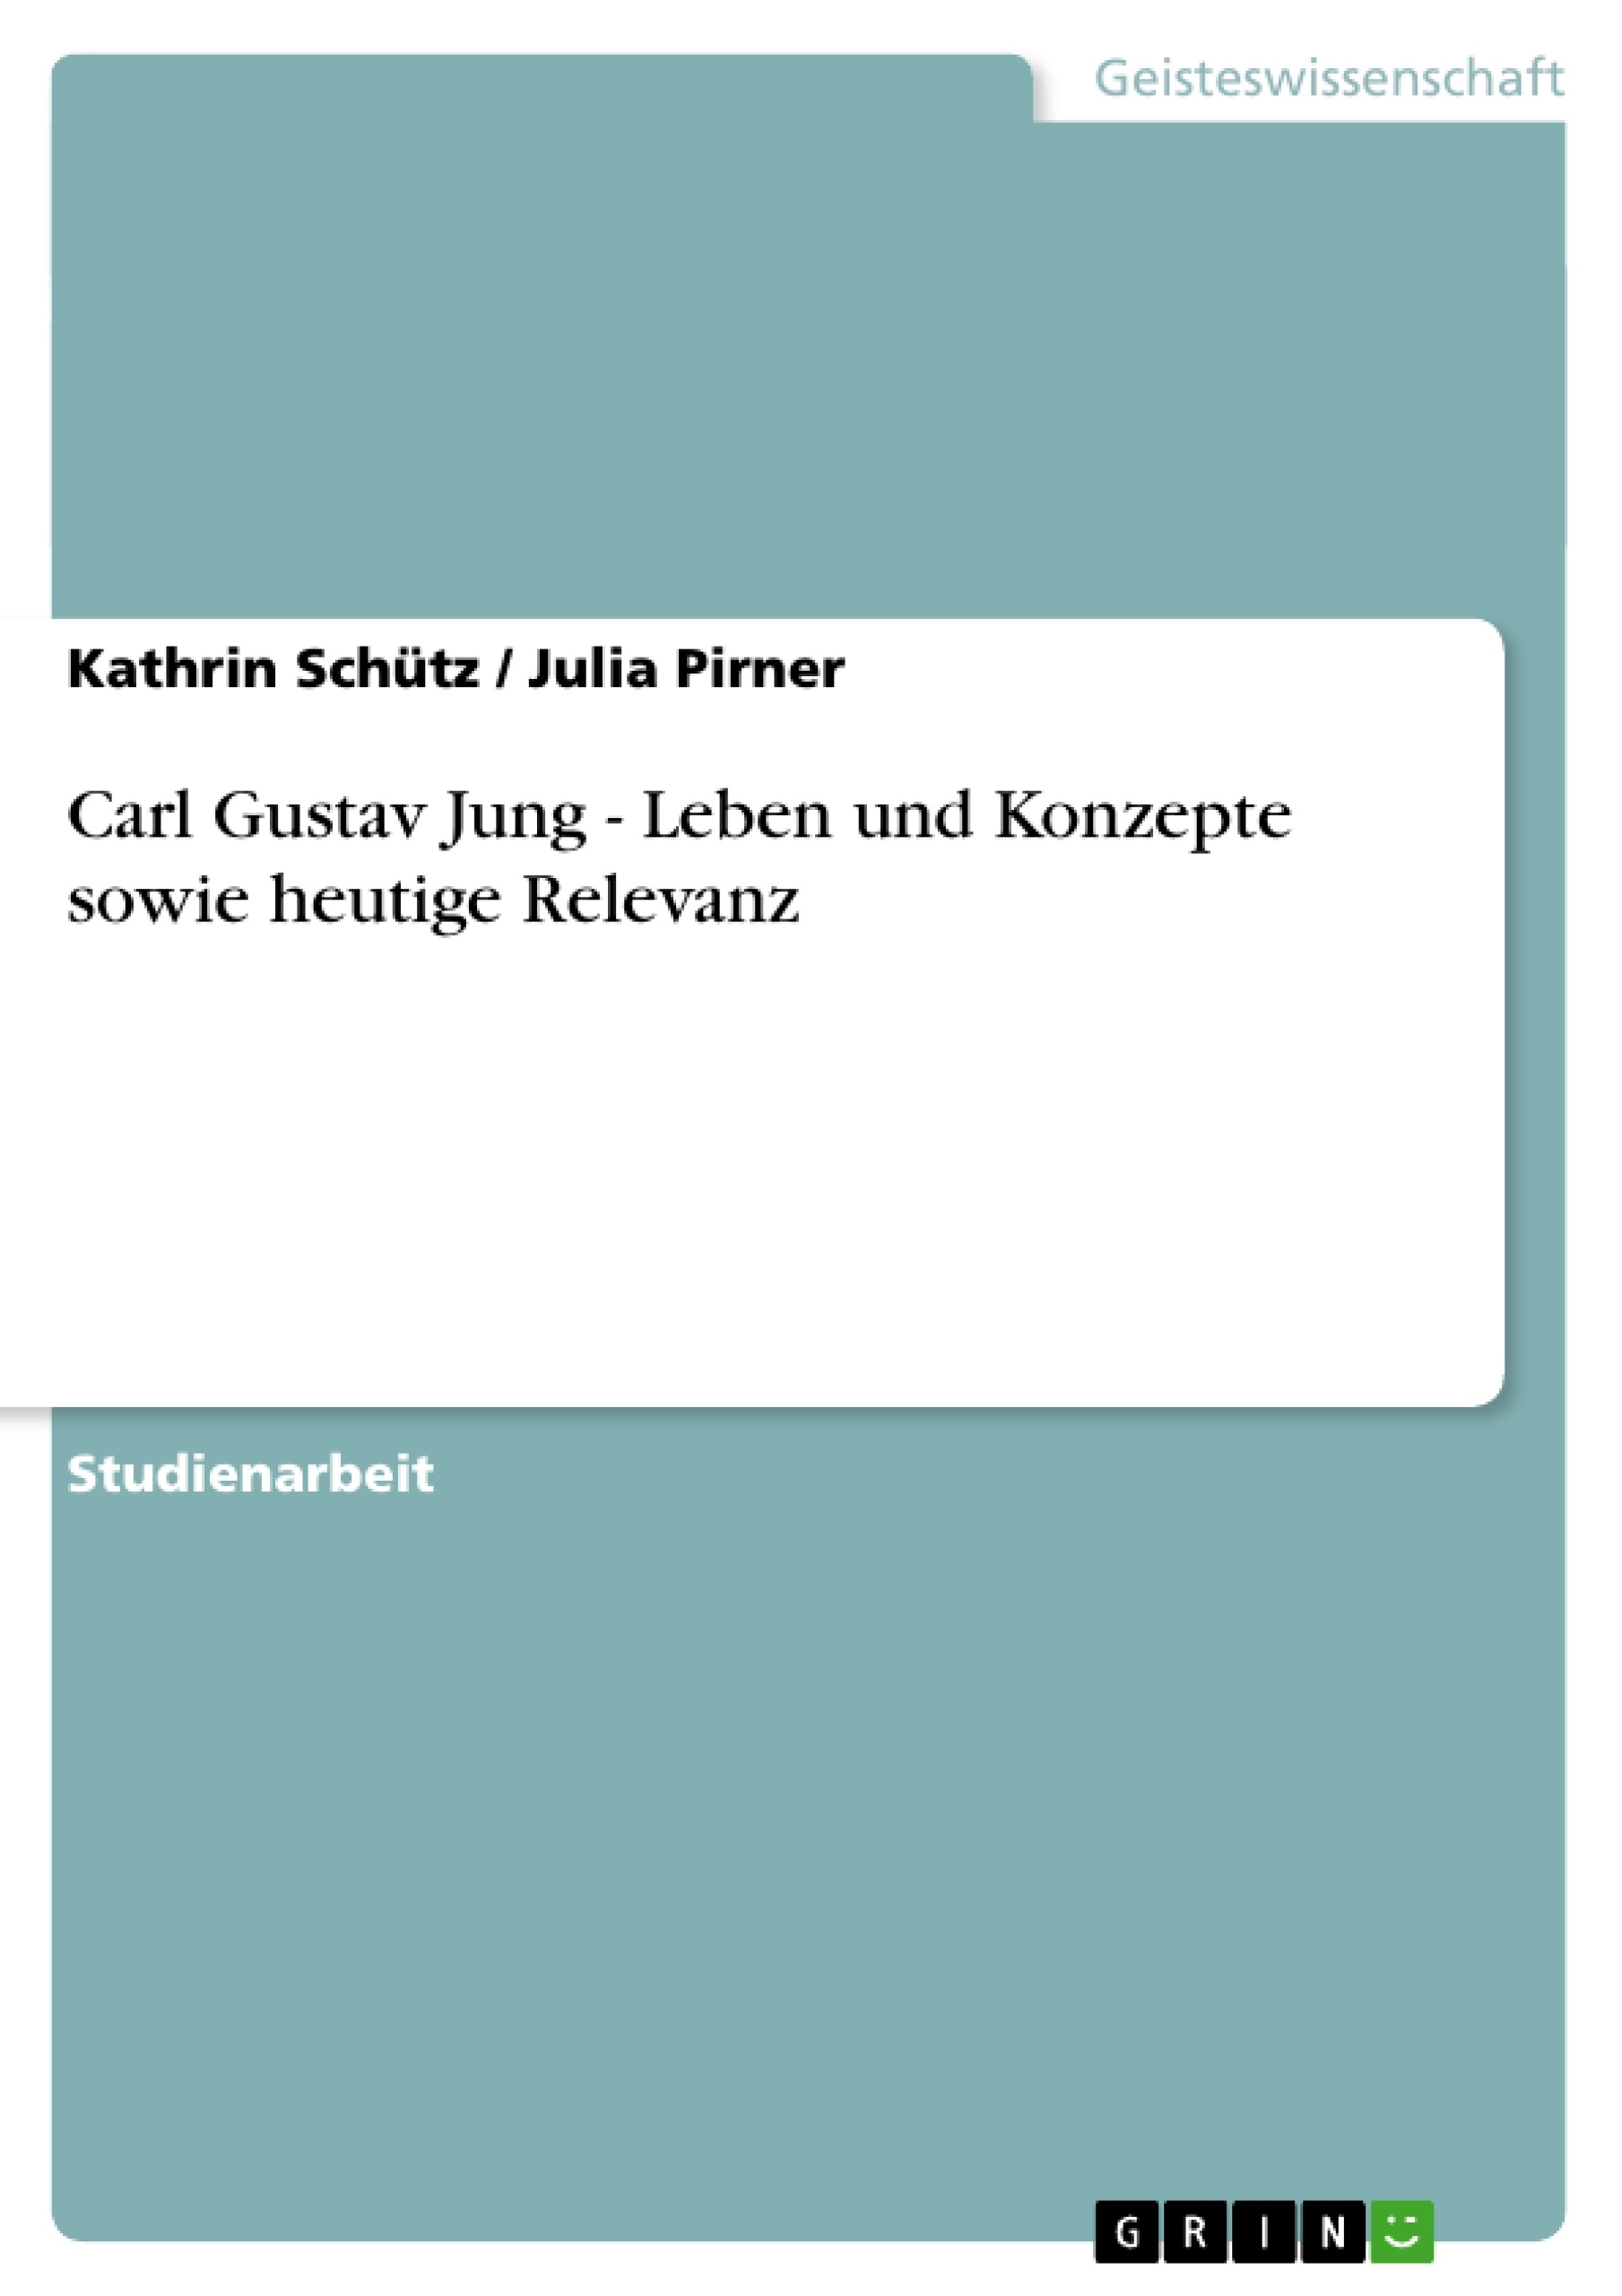 Titel: Carl Gustav Jung - Leben und Konzepte sowie heutige Relevanz